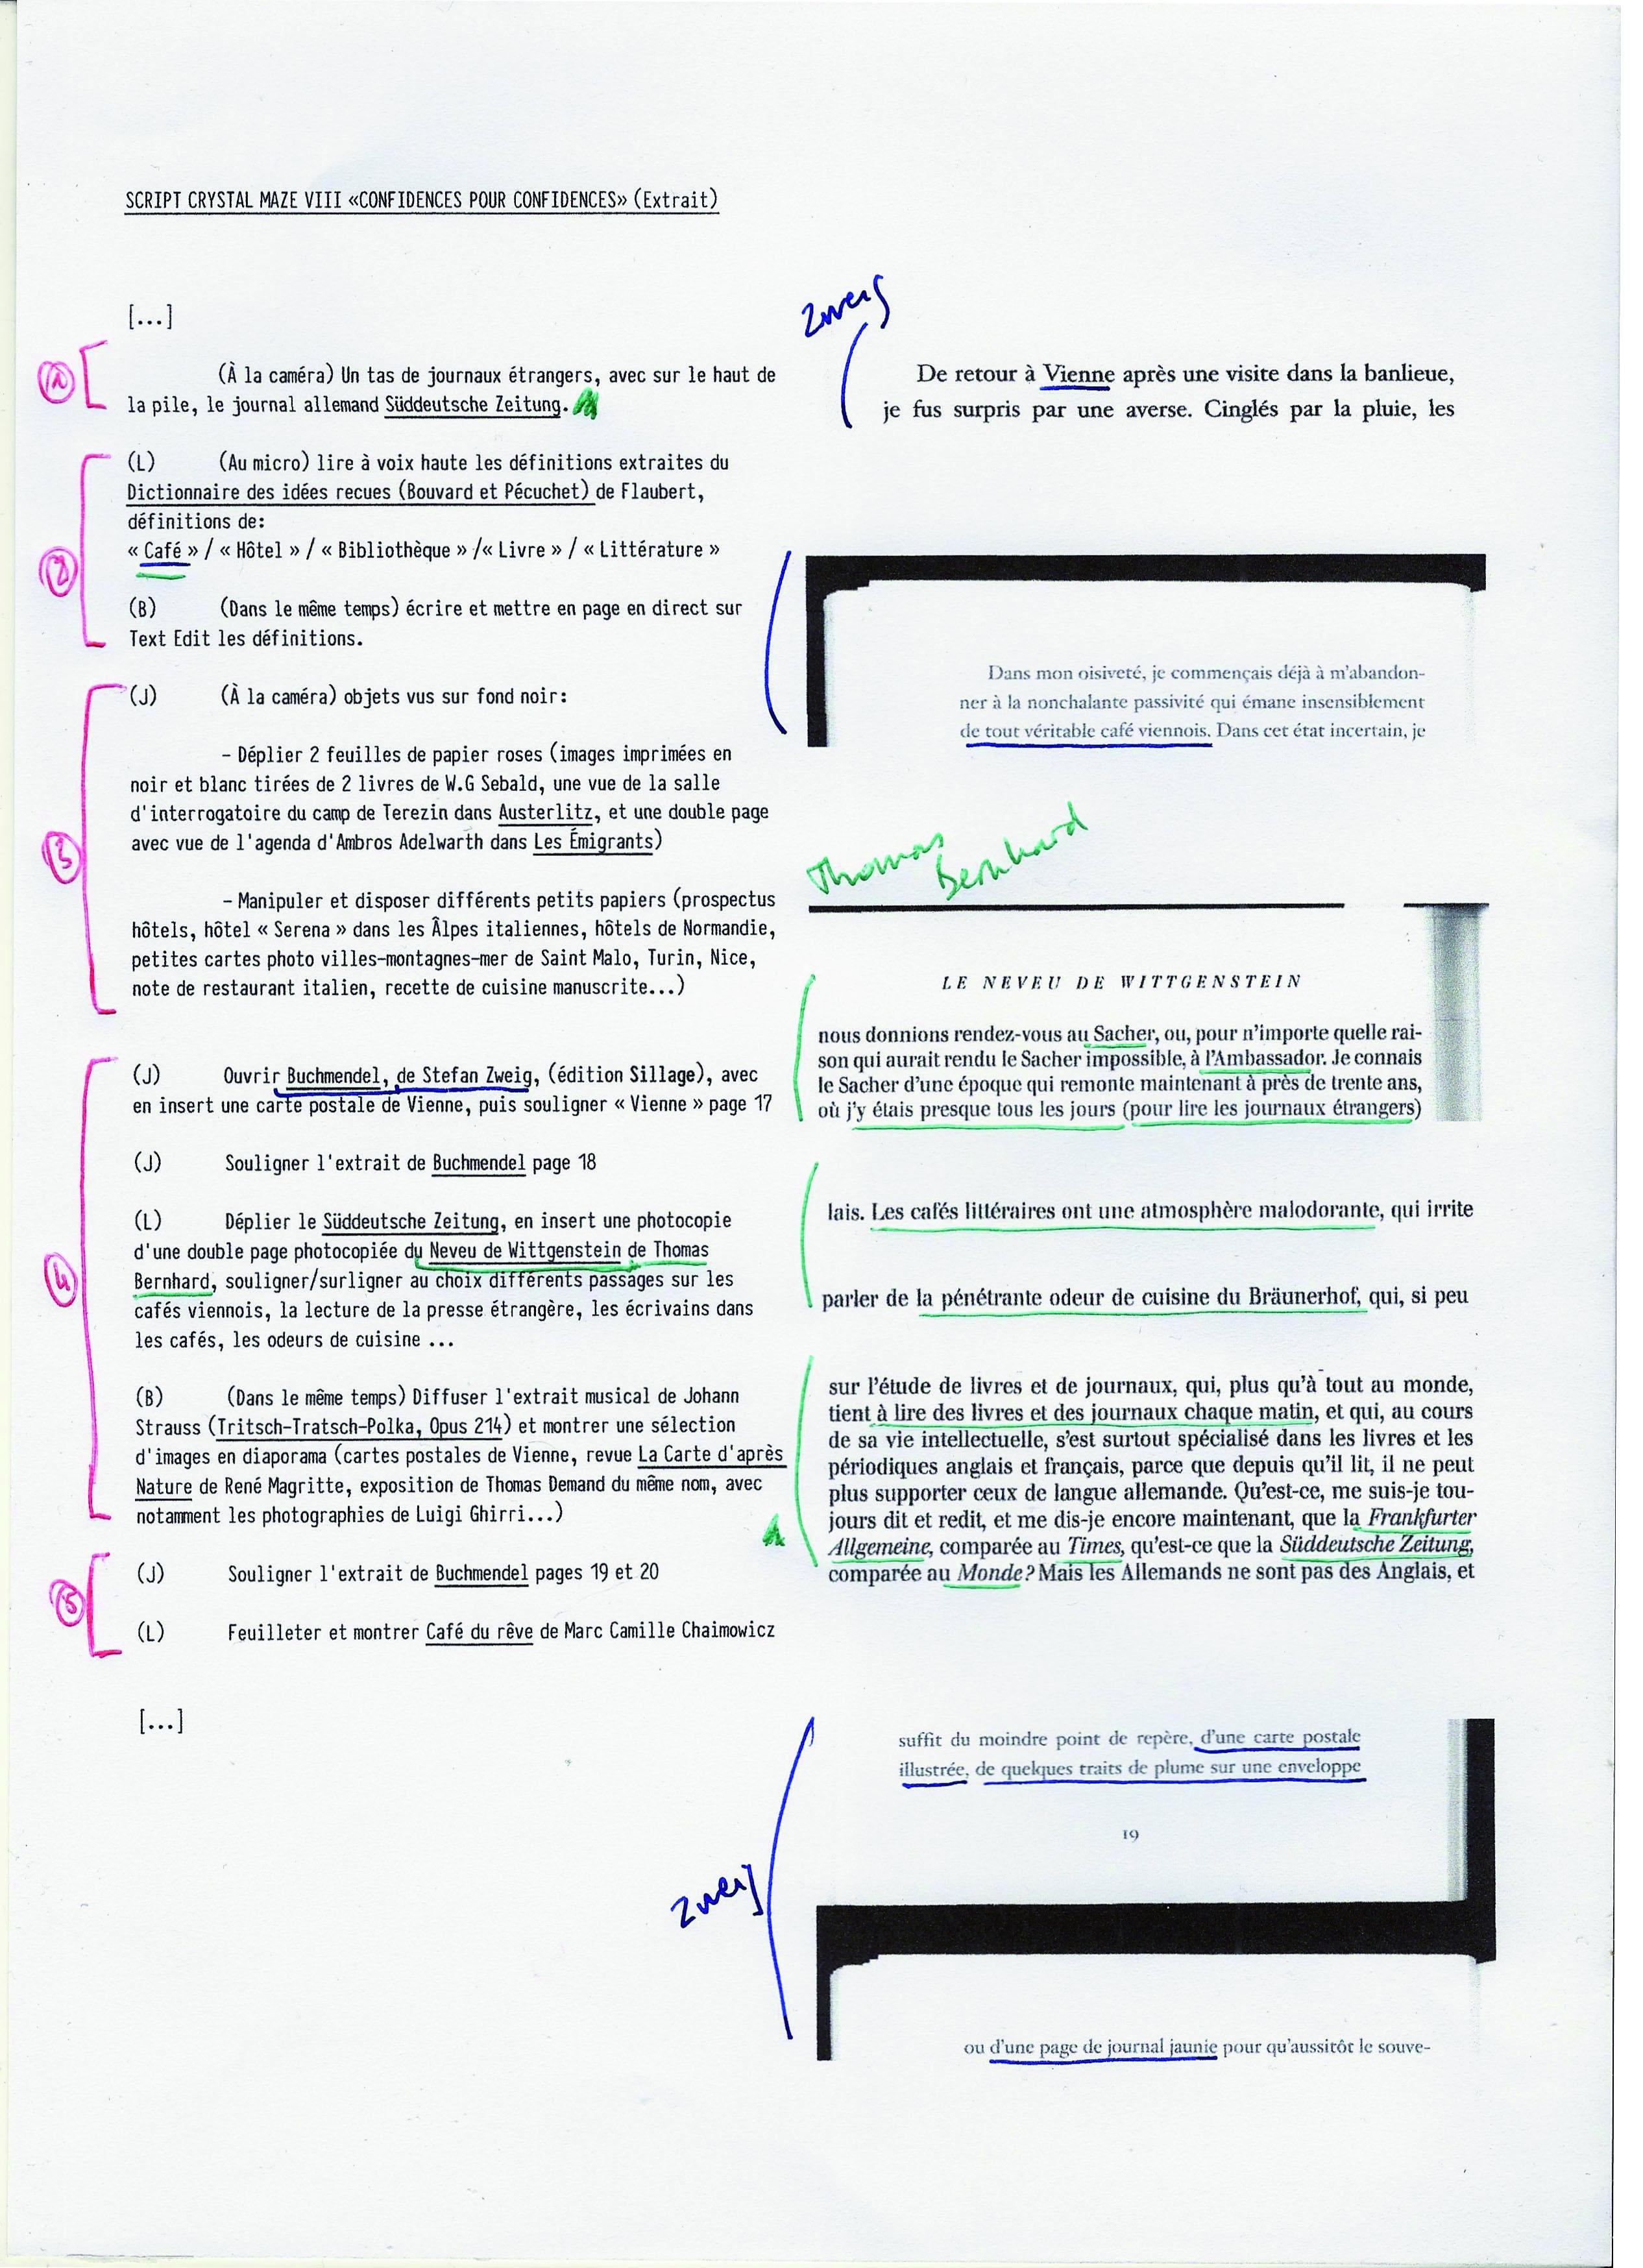 Detail du script pour la revue Initiales